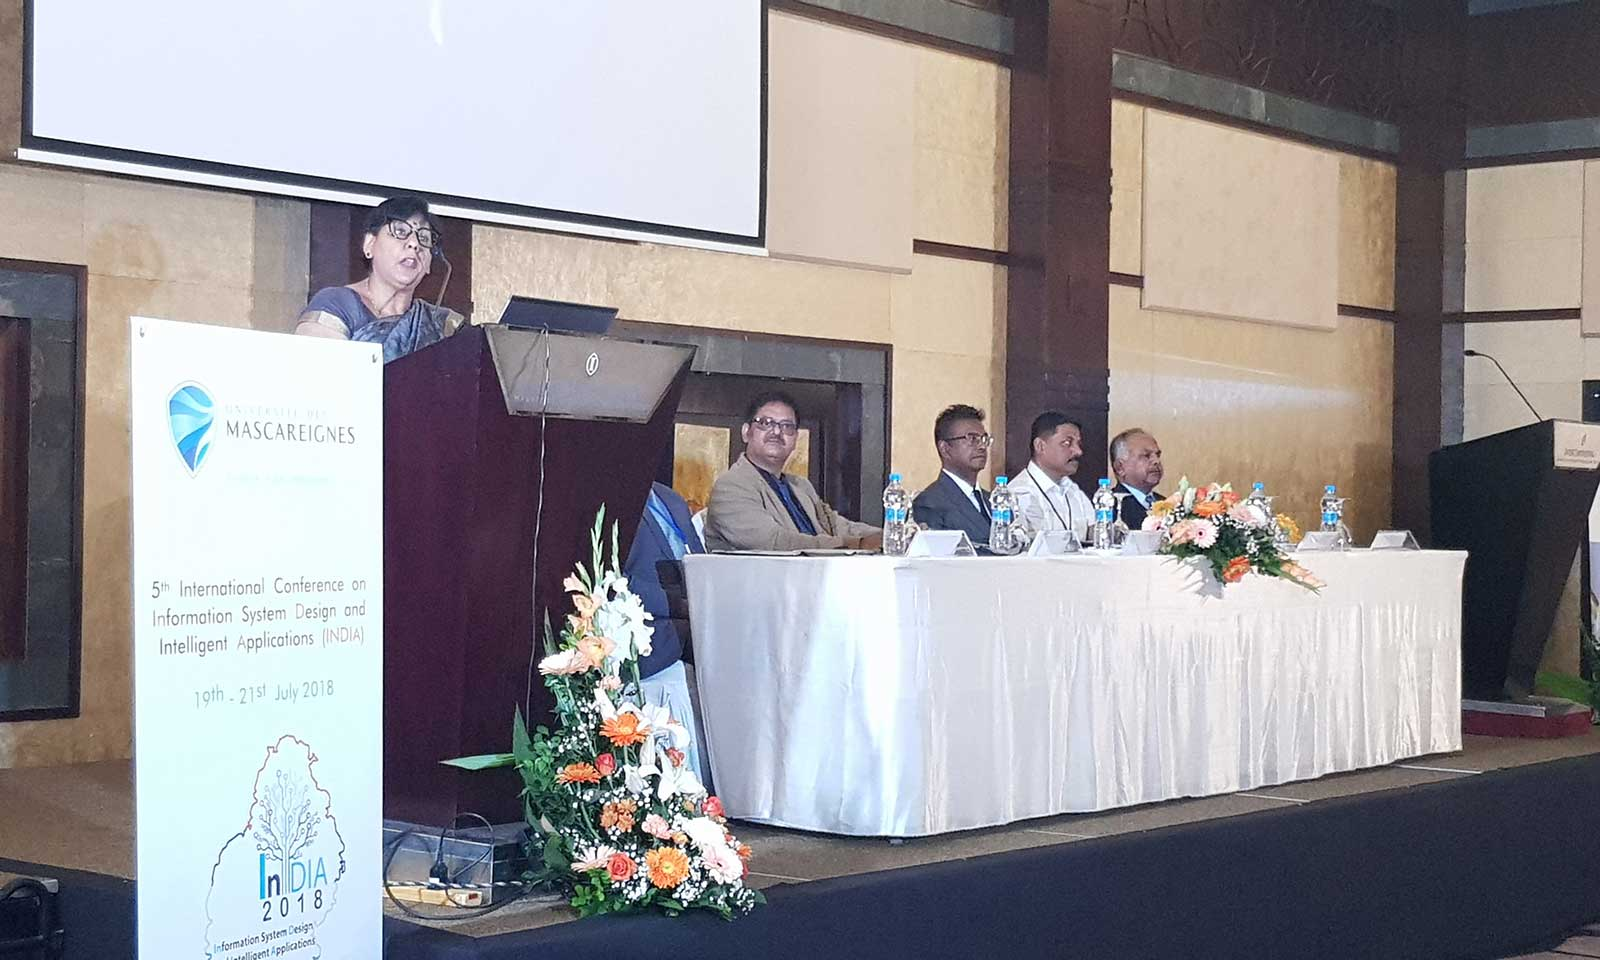 La recherche informatique au cœur de la 5e édition de la conférence internationale « INDIA»